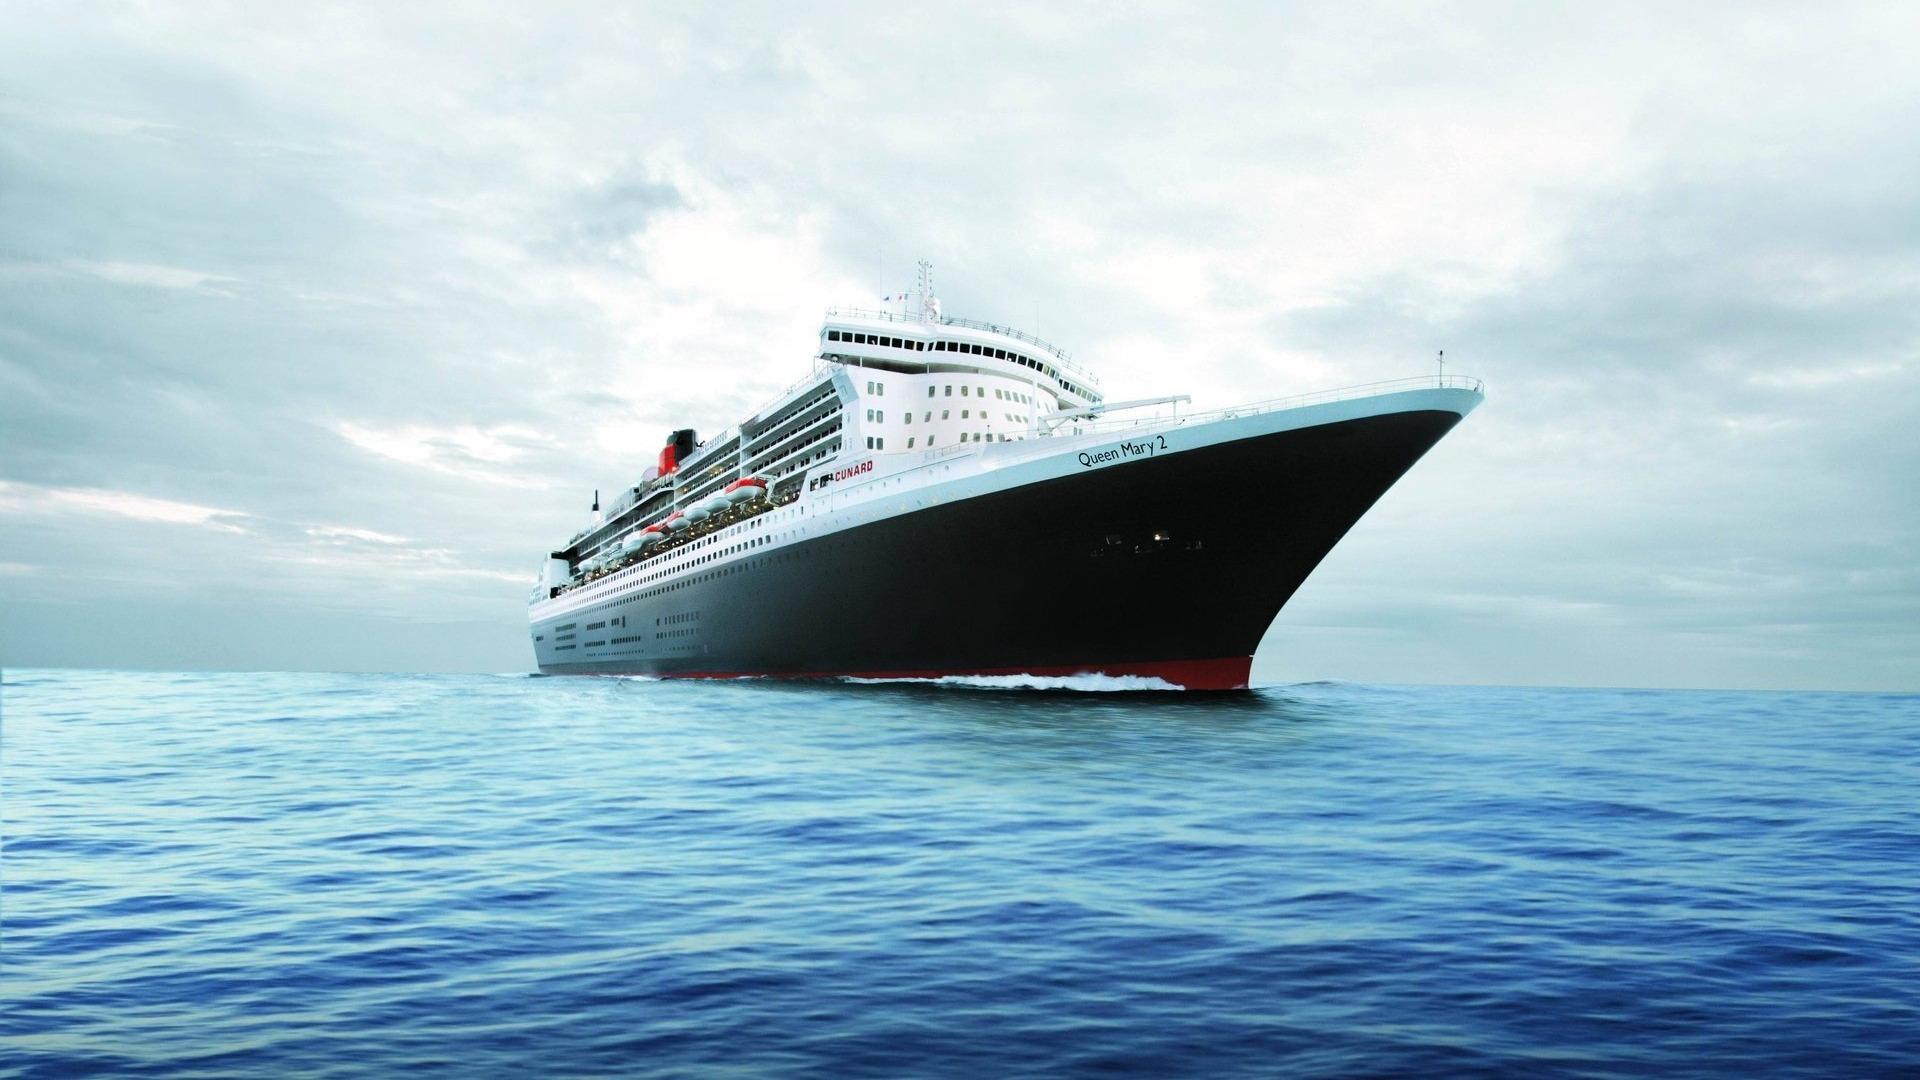 cruise ship wallpaper 46701